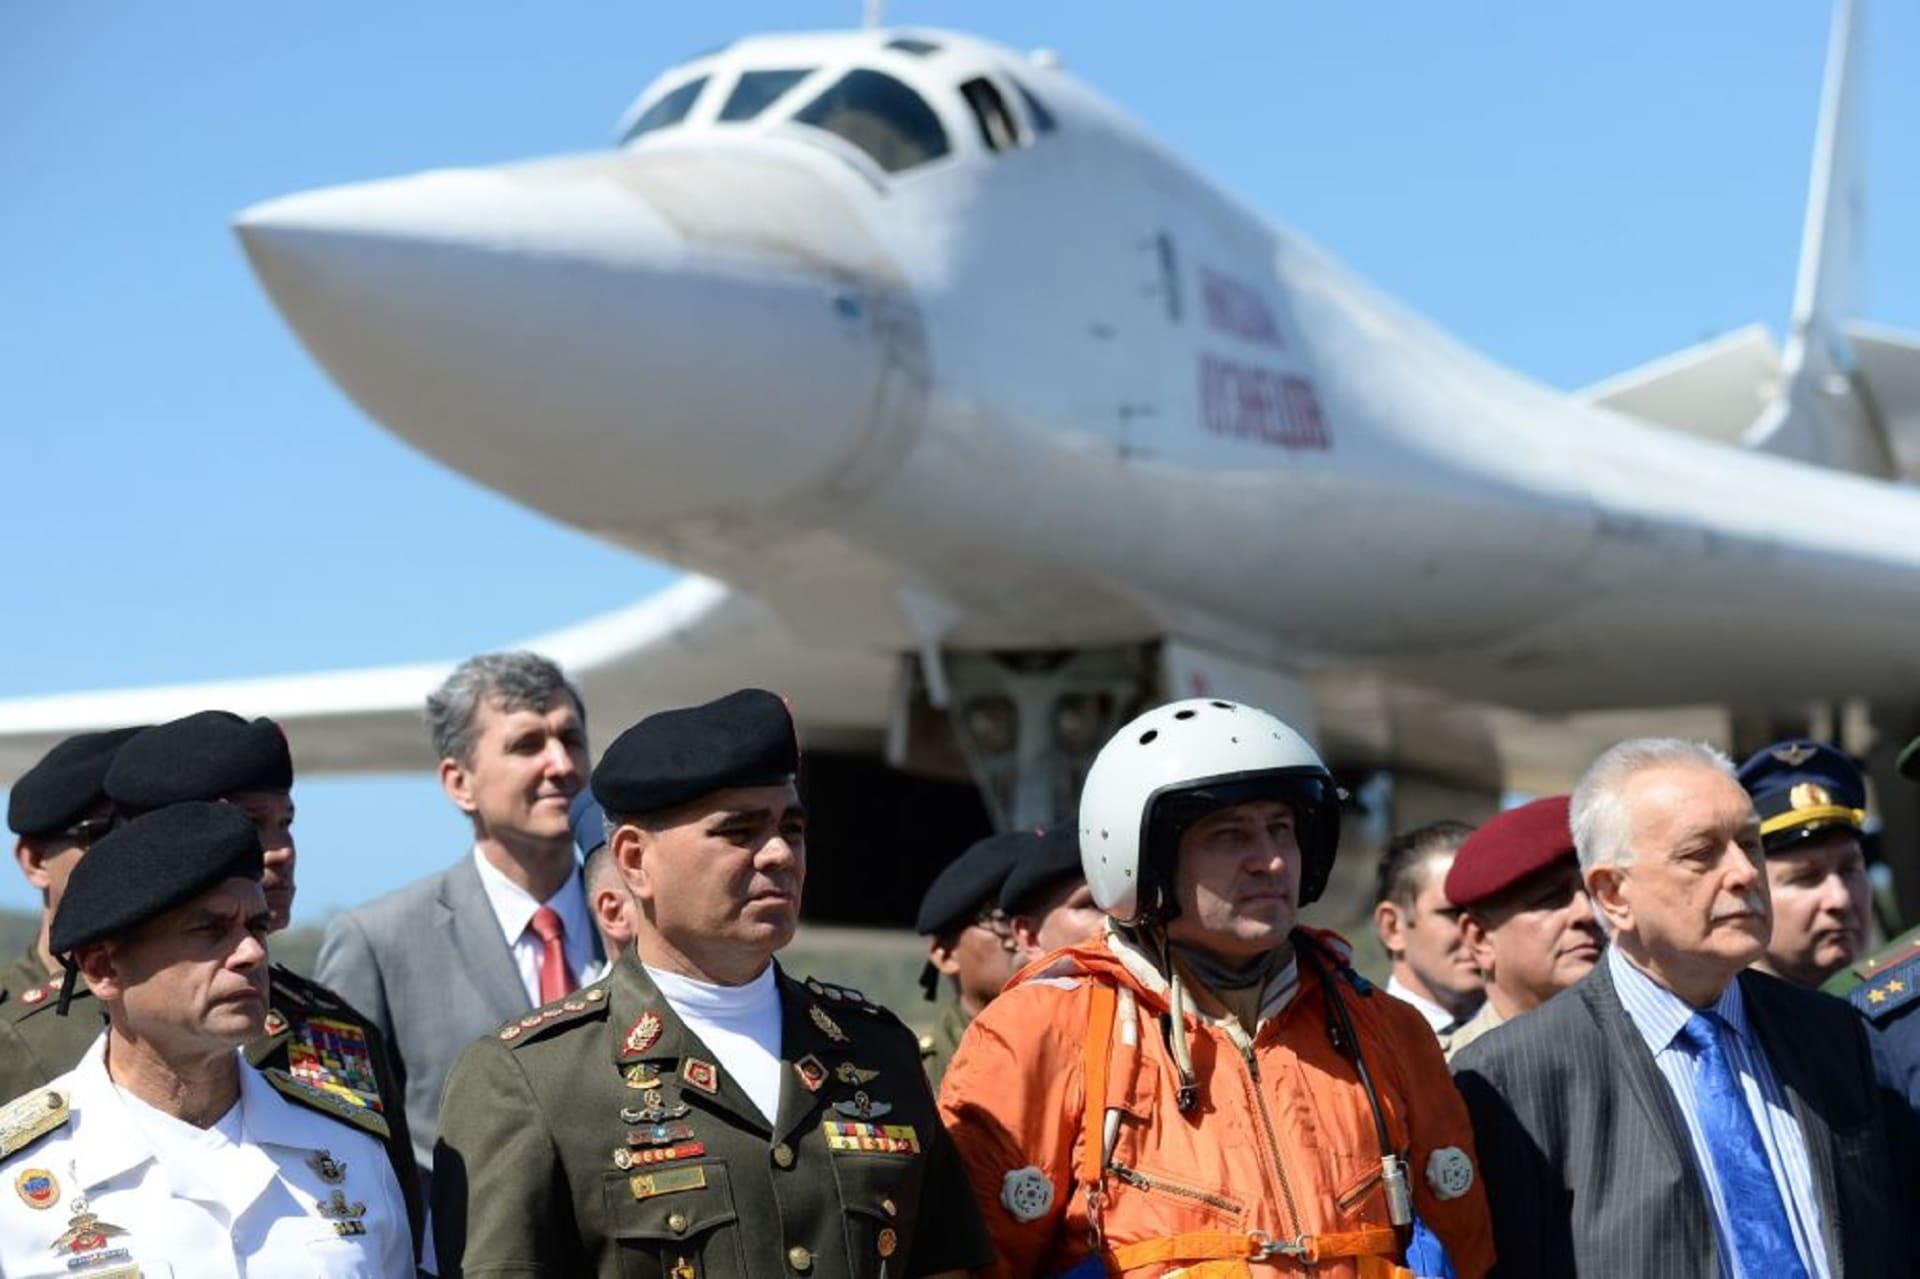 بومبيو يهاجم روسيا وفنزويلا.. والكرملين يرد بكلمات قاسية